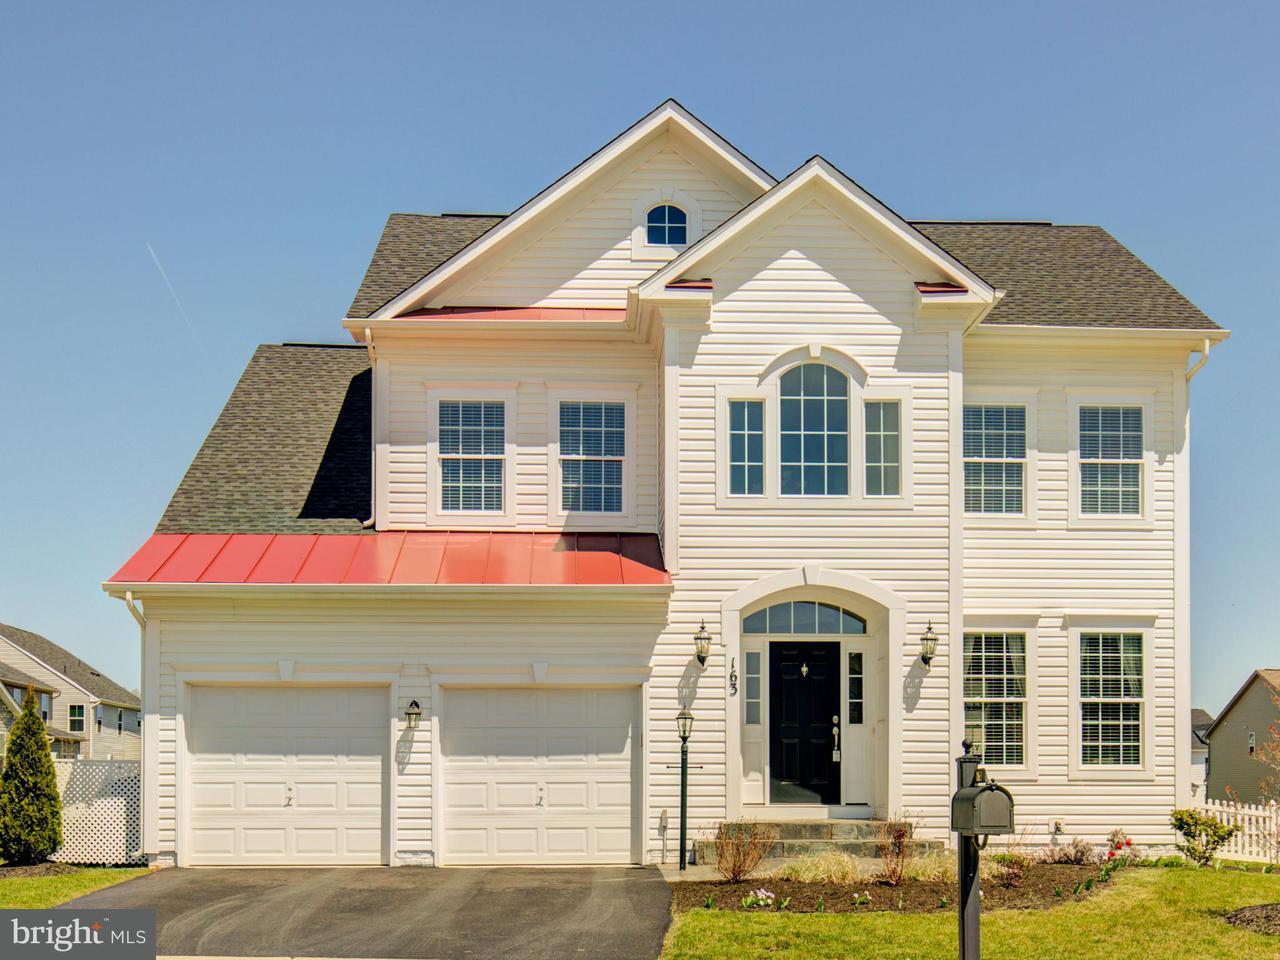 獨棟家庭住宅 為 出售 在 163 Blackford Drive 163 Blackford Drive Stephenson, 弗吉尼亞州 22656 美國